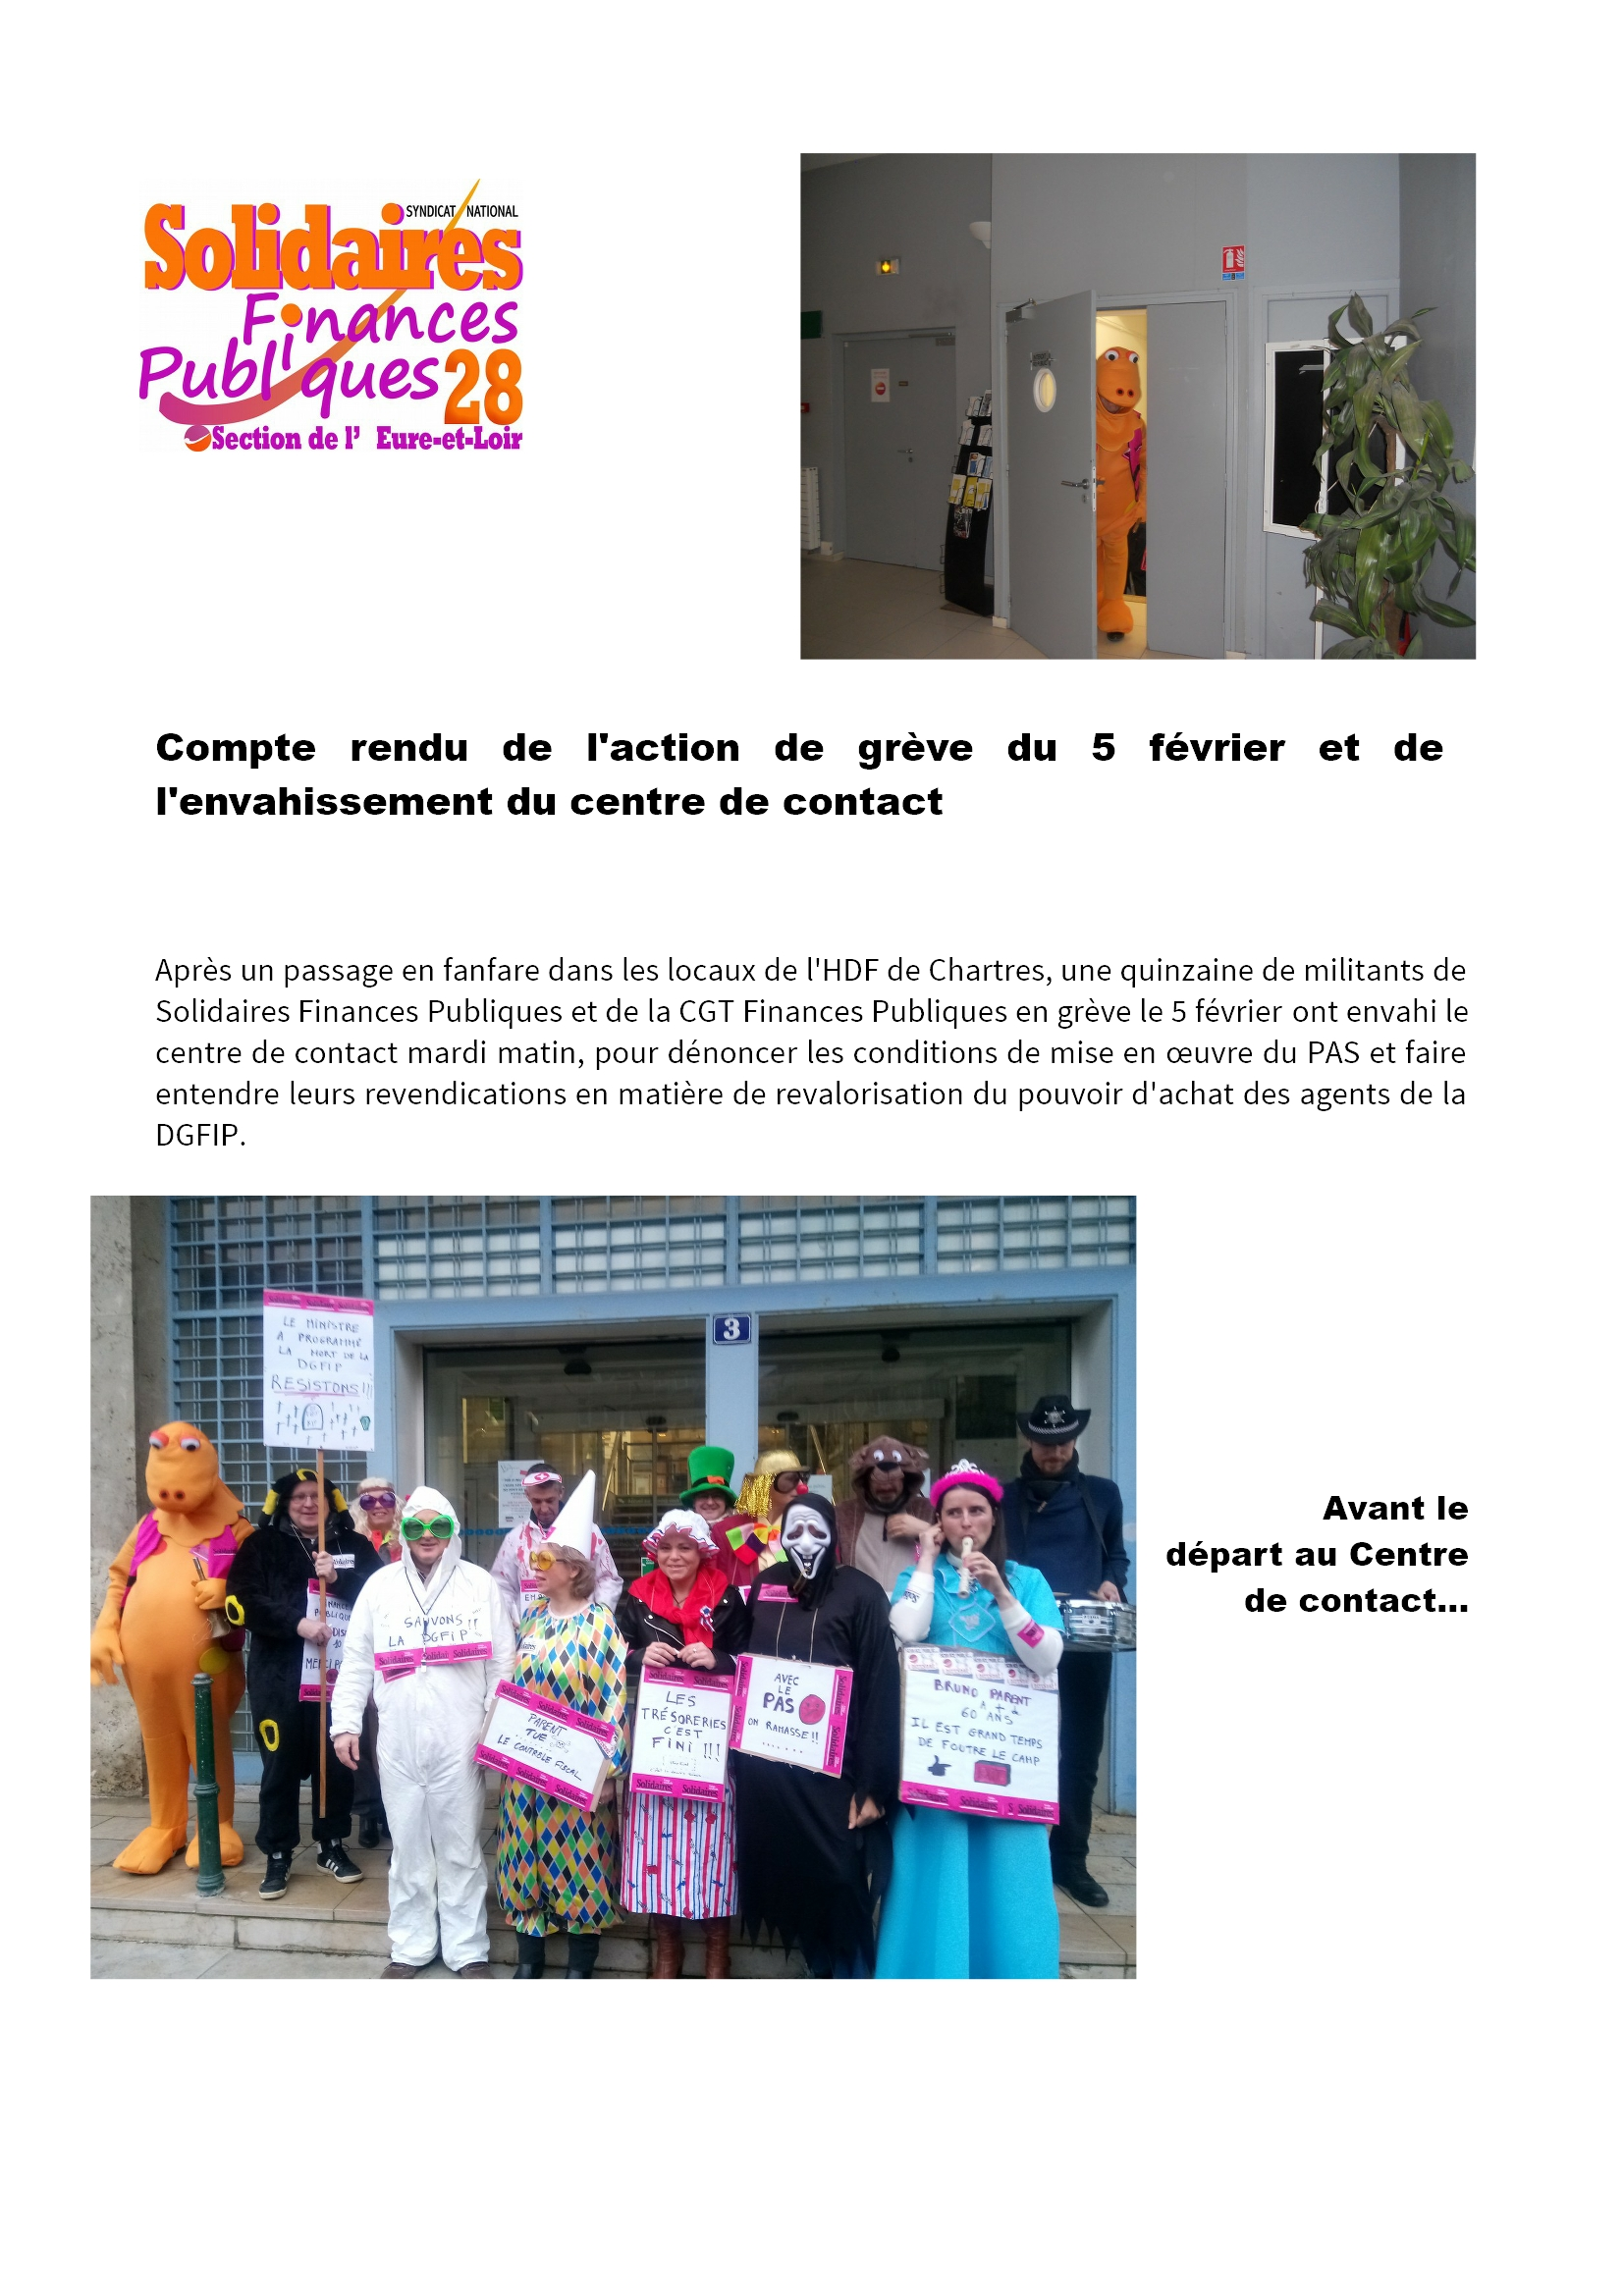 Grève et actions du 5 février 2019 aux Finances à Chartres [CR Solidaires] 1x3